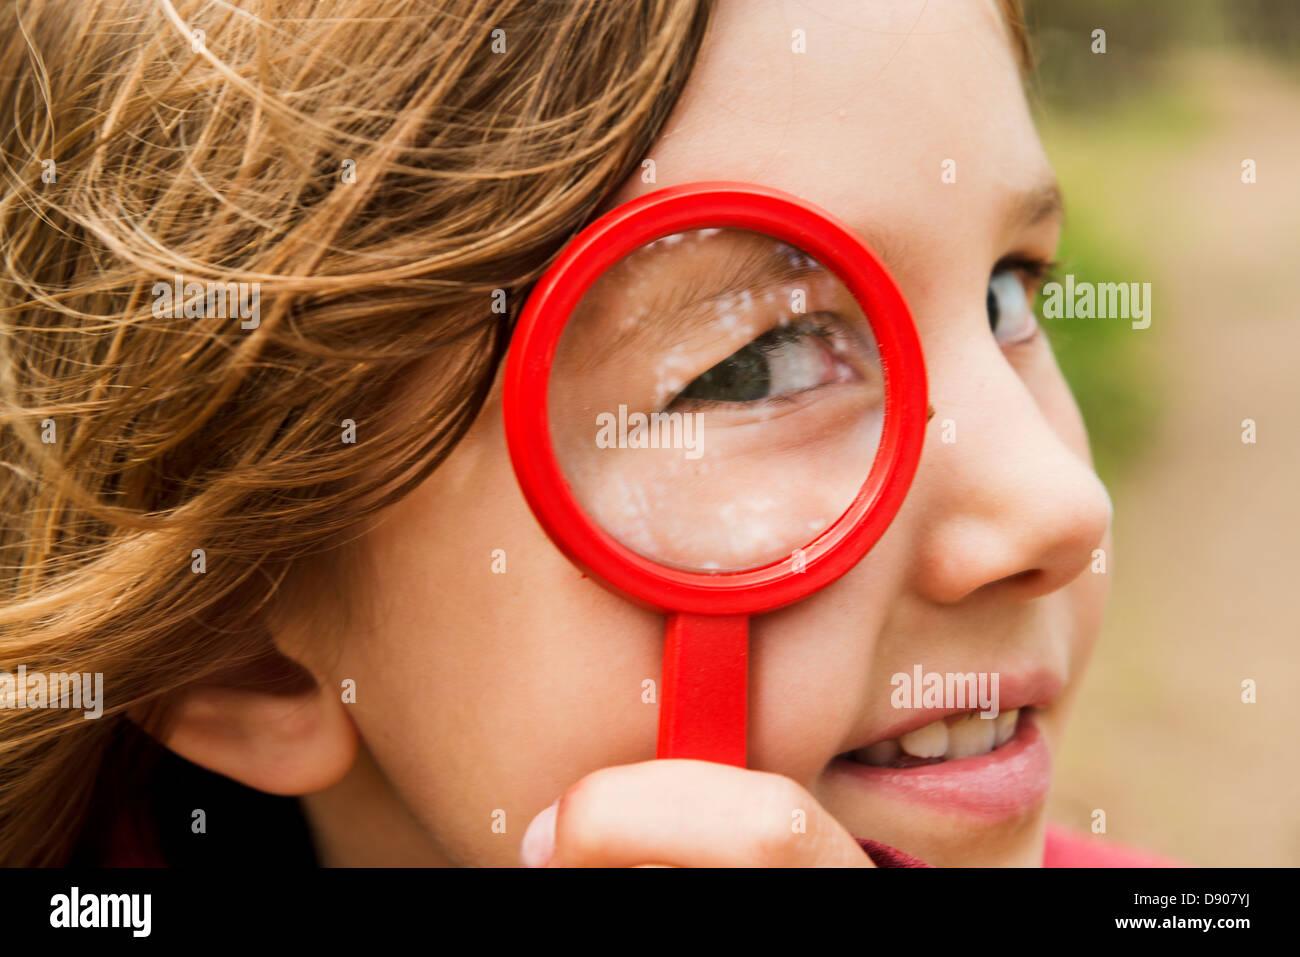 Ritratto di ragazza con lente di ingrandimento Immagini Stock